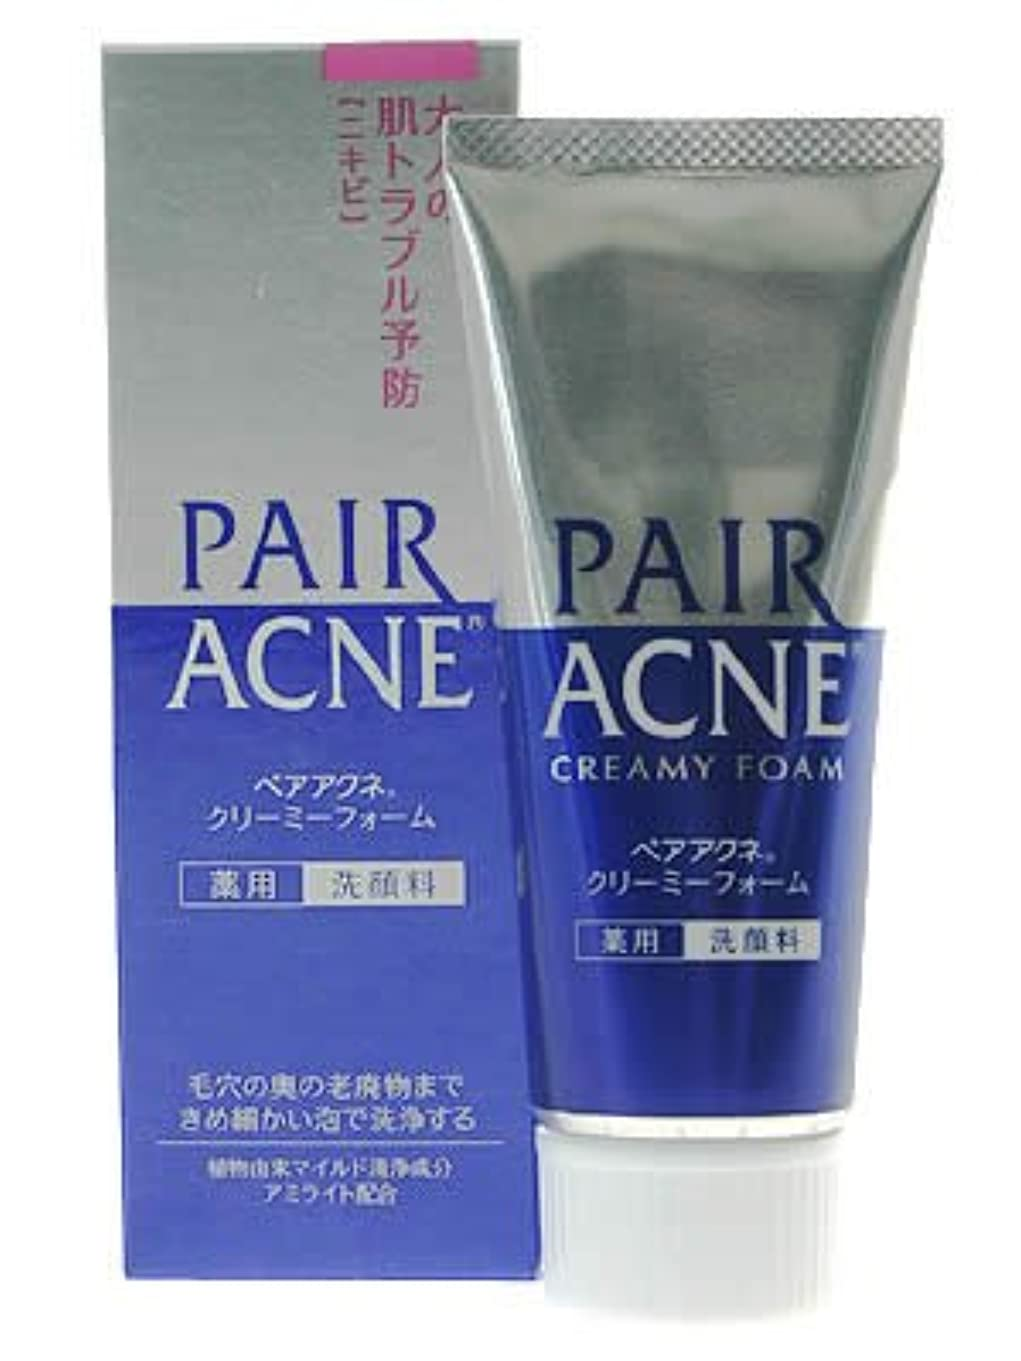 実験的マスク高度ペアアクネ クリーミーフォーム 薬用洗顔料 80g(医薬部外品)